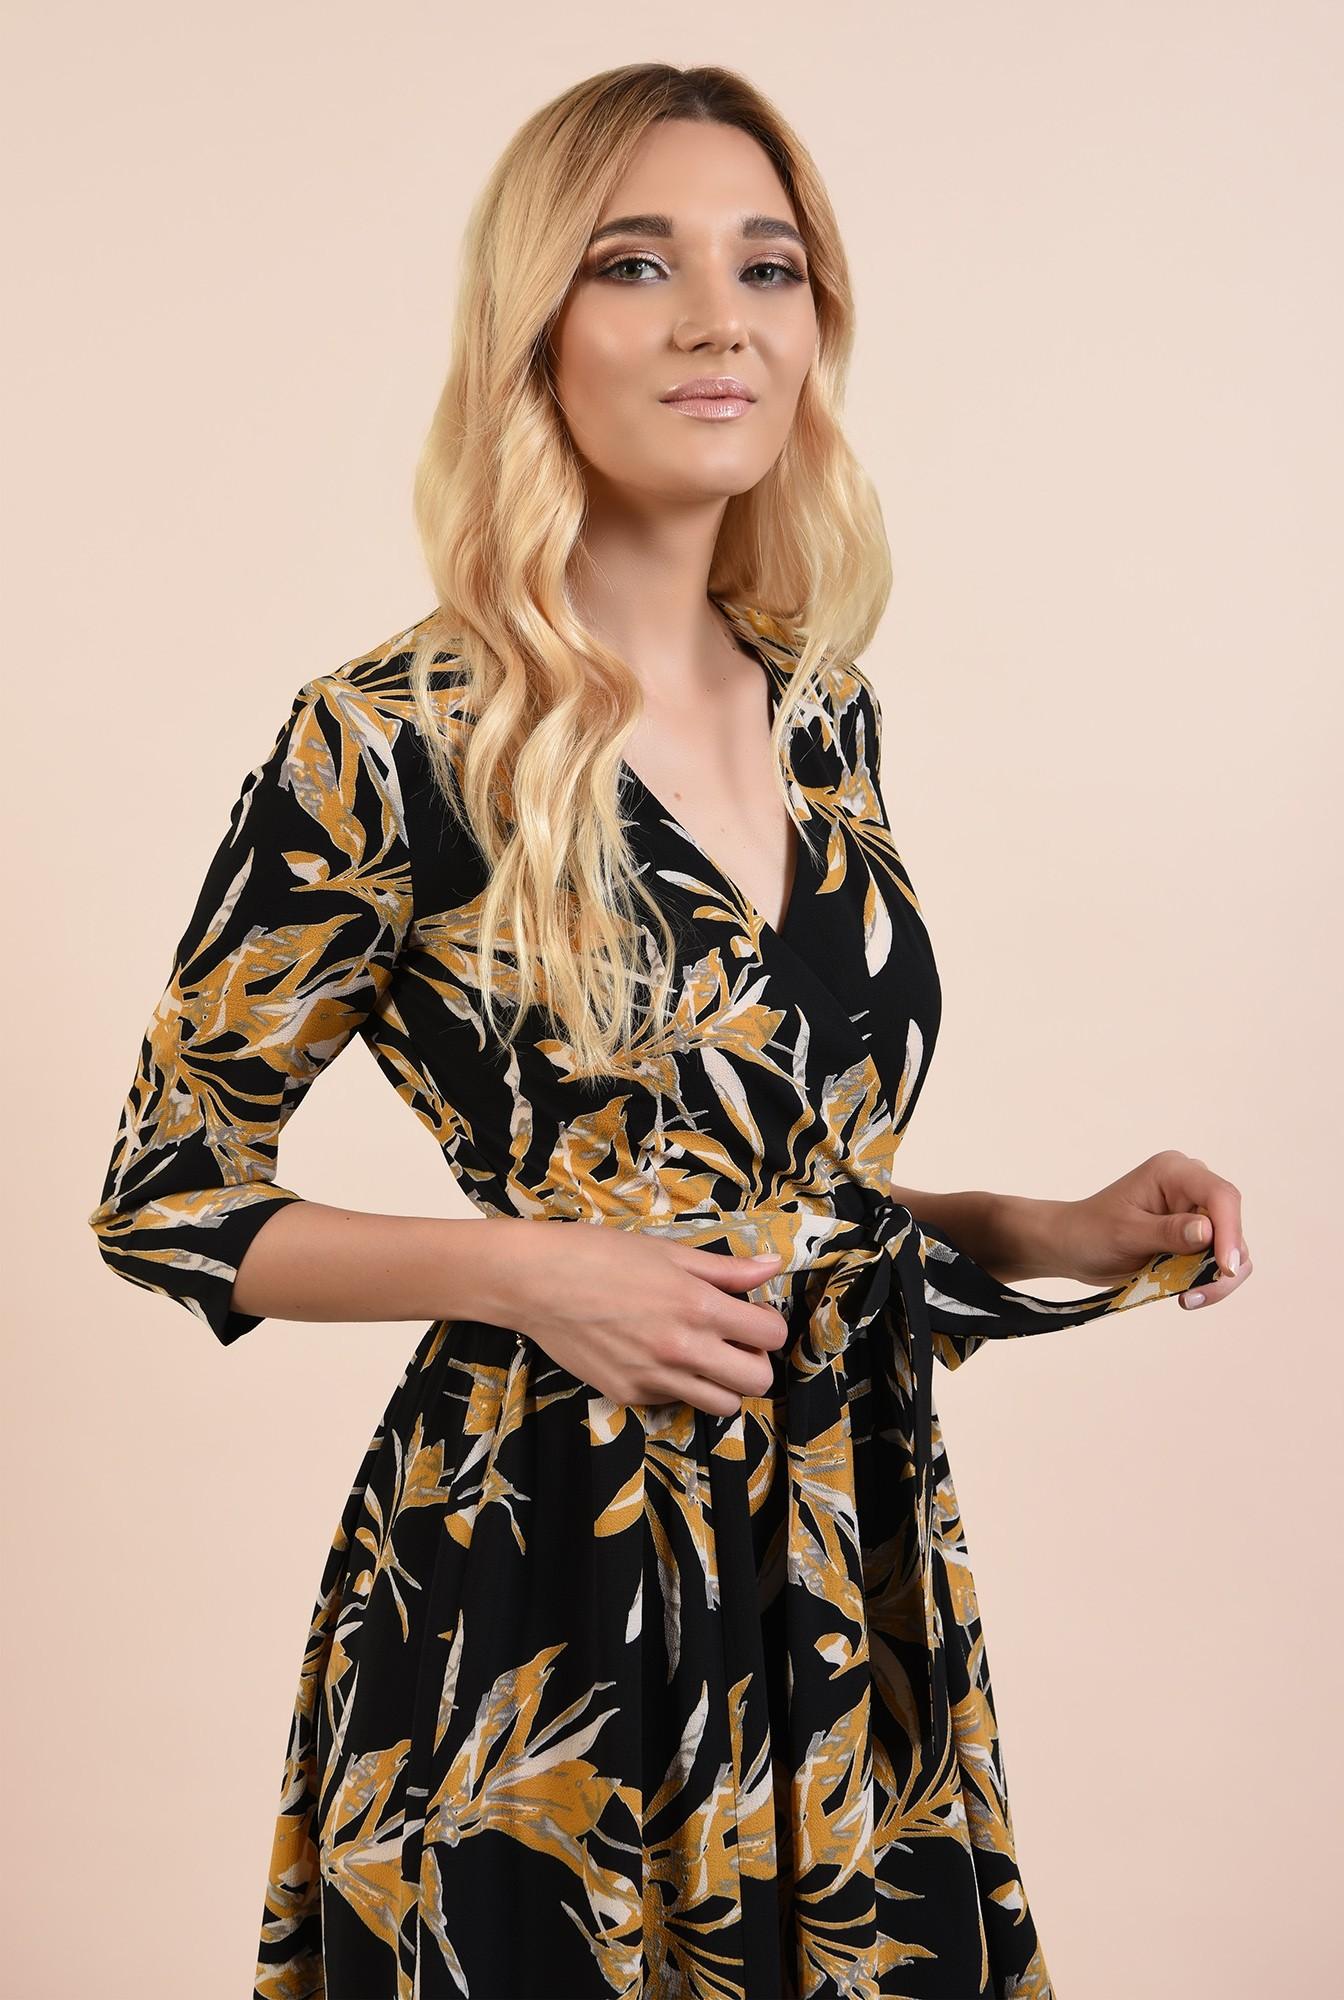 2 - 360 - rochie casual, scurta, cu print floral, anchior petrecut, Poema